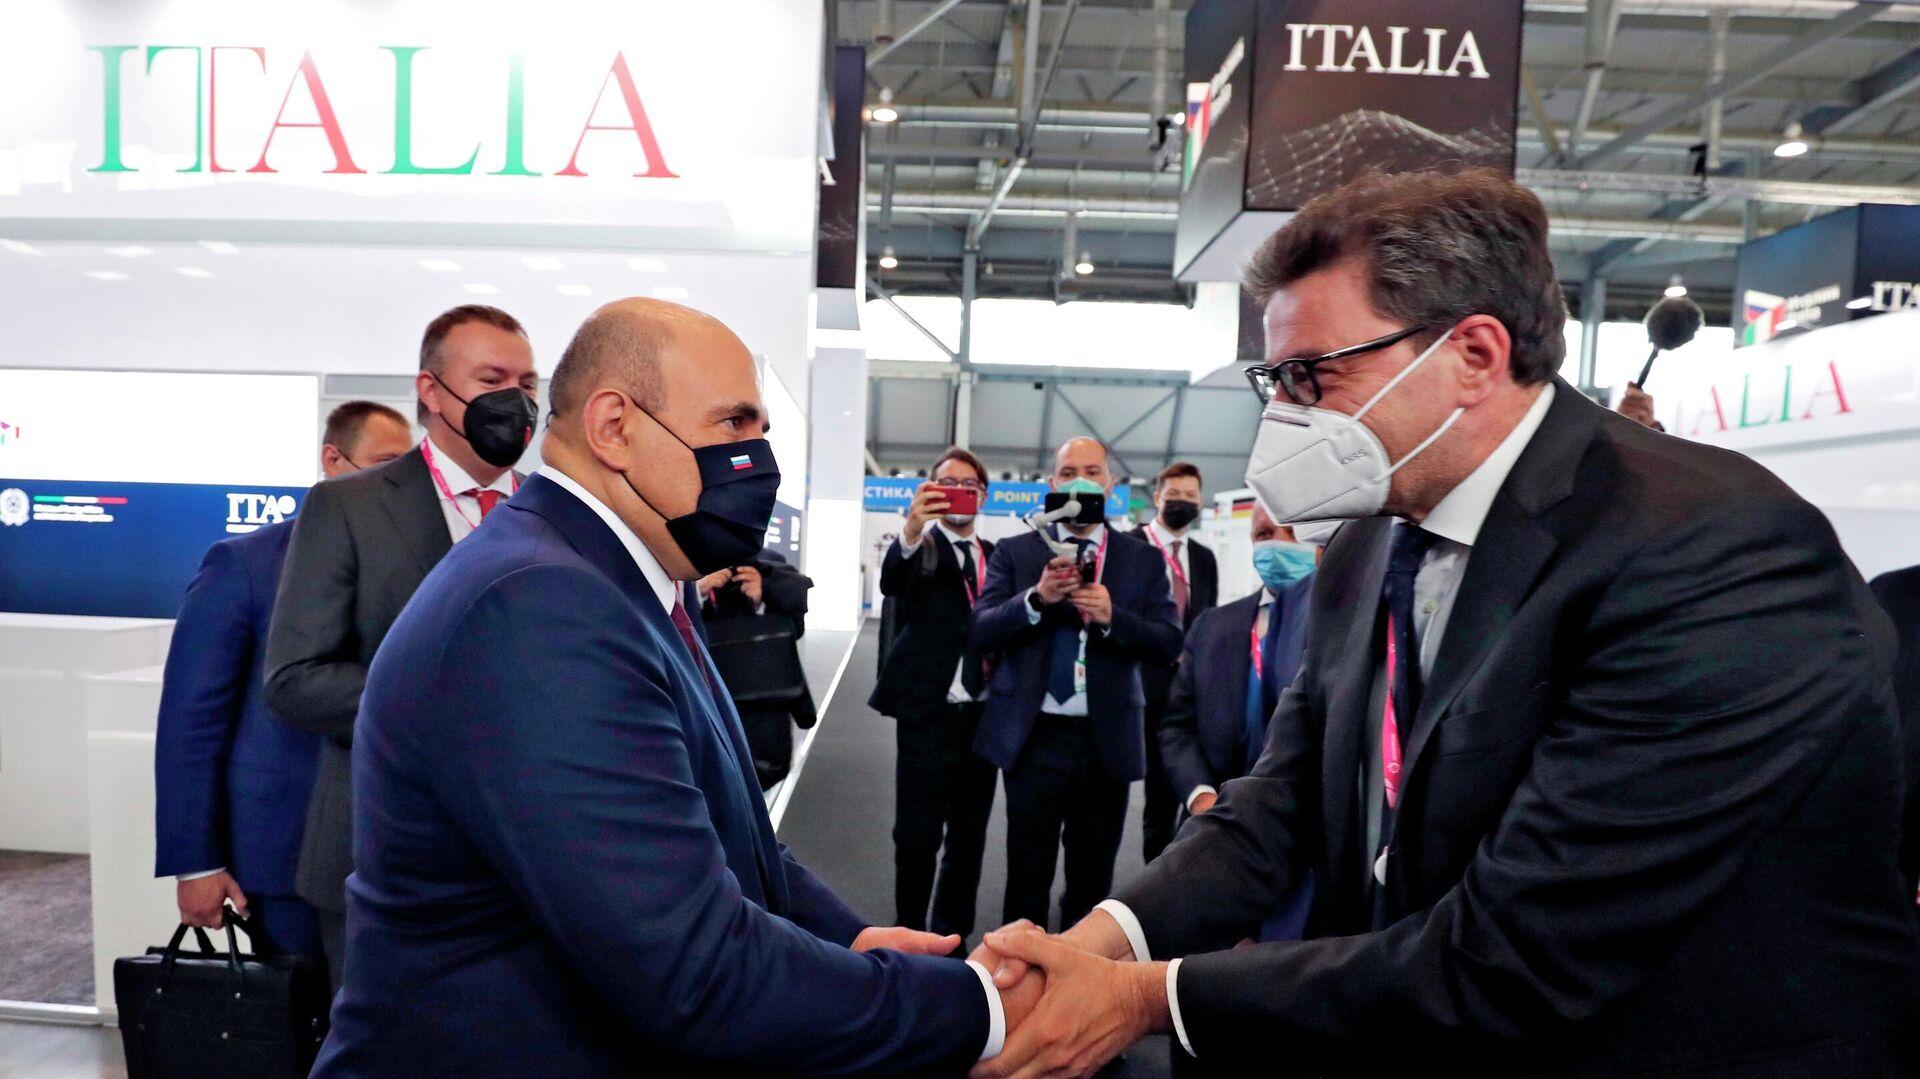 Il Primo ministro della Russia Michail Mishustin e il Ministro dello Sviluppo Economico italiano Giancarlo Giorgetti alla fiera dell'innovazione e della tecnologia INNOPROM-2021 a Ekaterinburg, Russia - Sputnik Italia, 1920, 19.09.2021